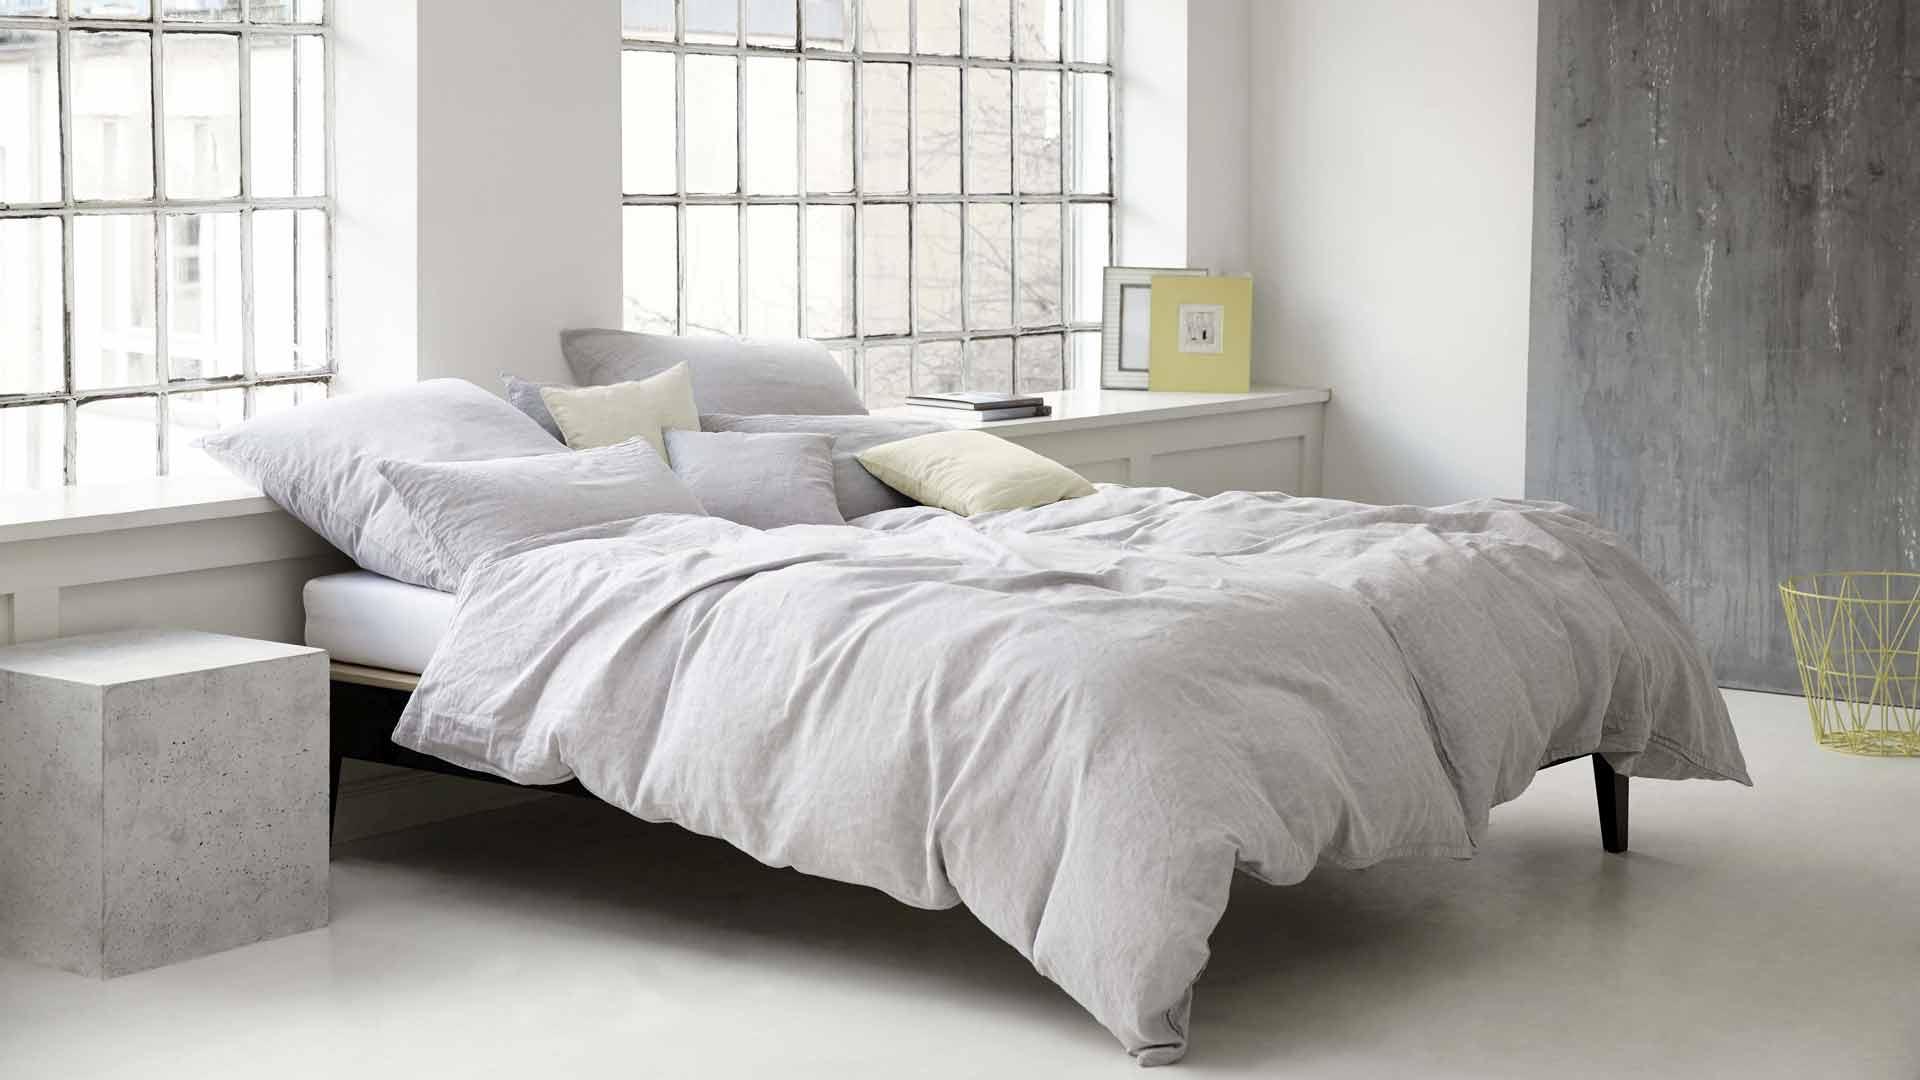 Full Size of Betten Düsseldorf Möbel Boss Moebel De Rauch 180x200 Hohe Amazon Billige Bonprix Poco Mit Stauraum Günstige Luxus Bett Betten Düsseldorf